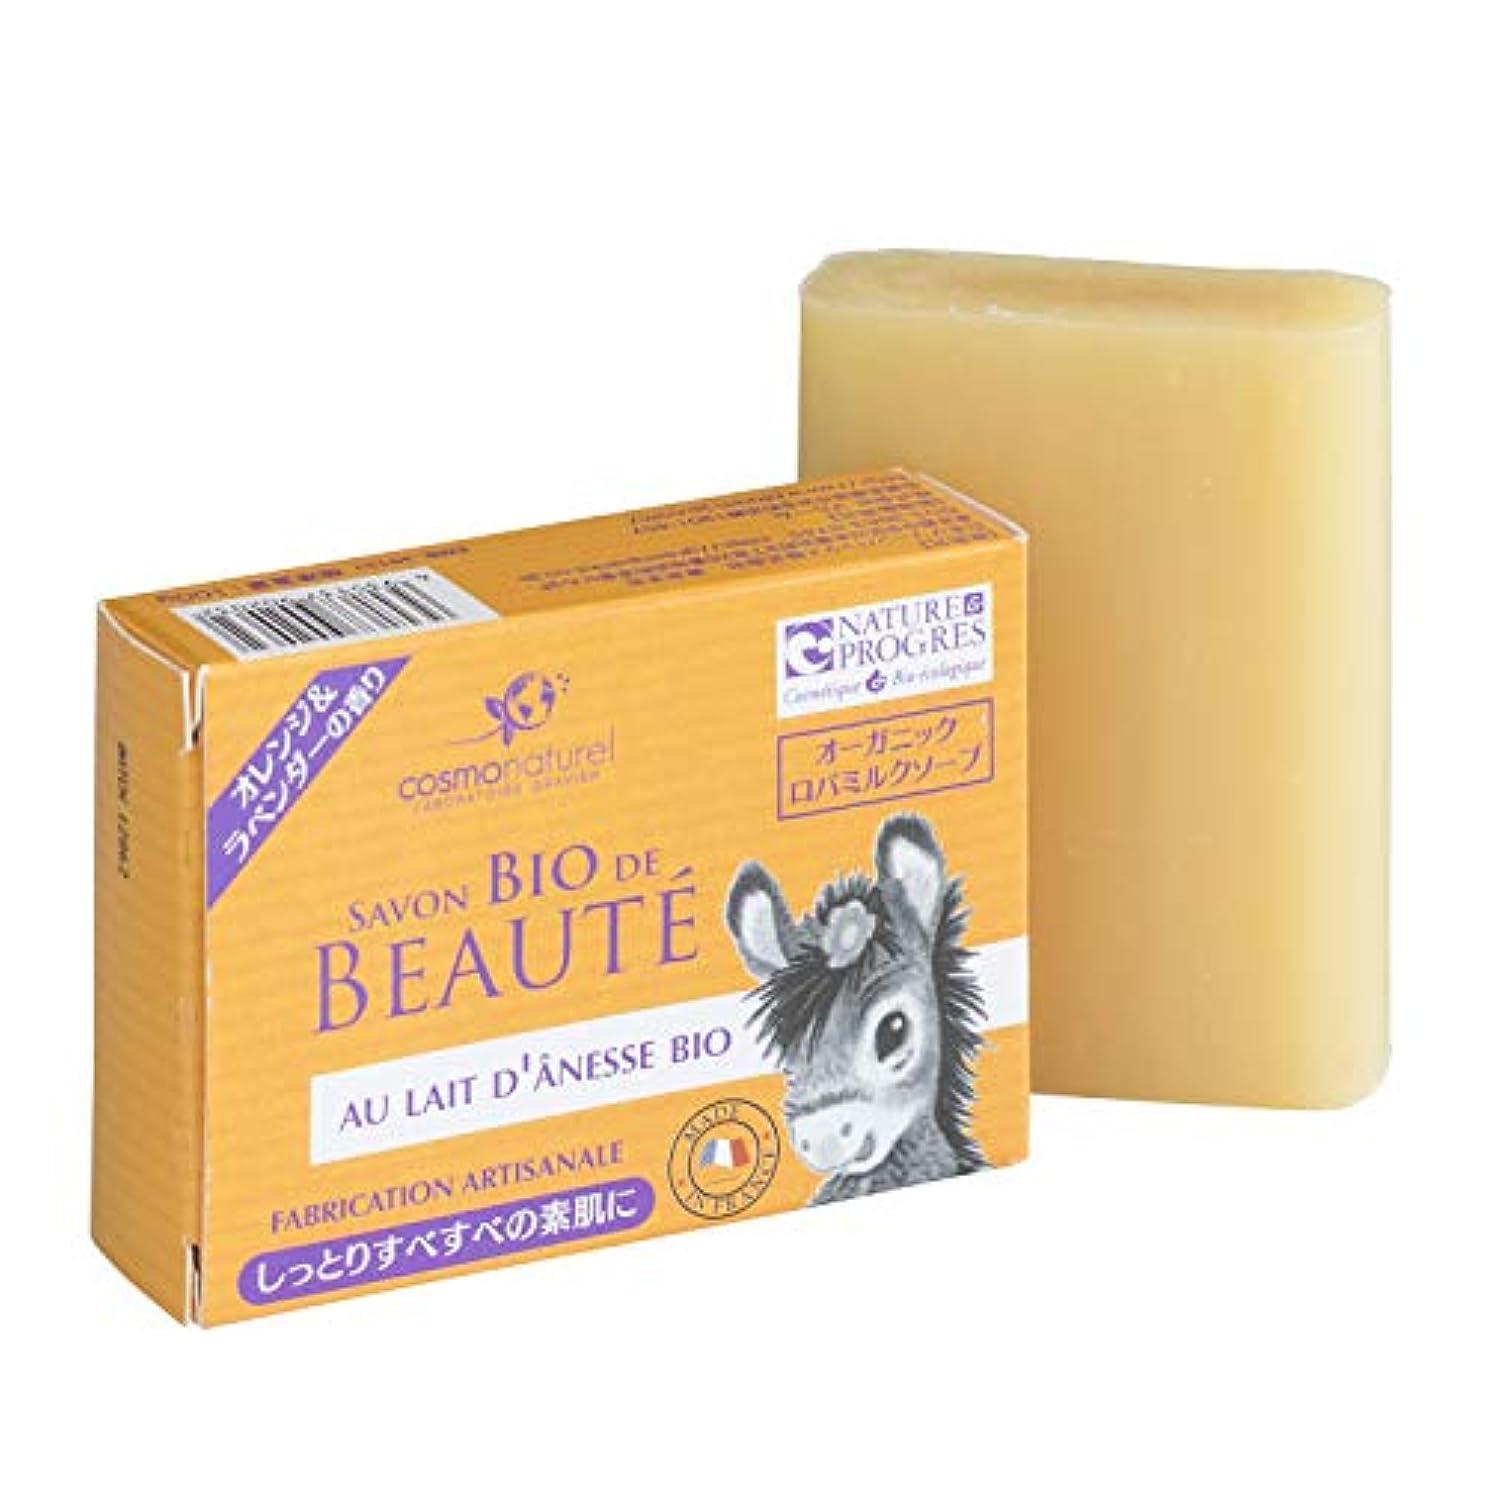 ファイアルカポック割合コスモナチュレル オーガニック ロバミルクソープ オレンジ&ラベンダーの香り 100g